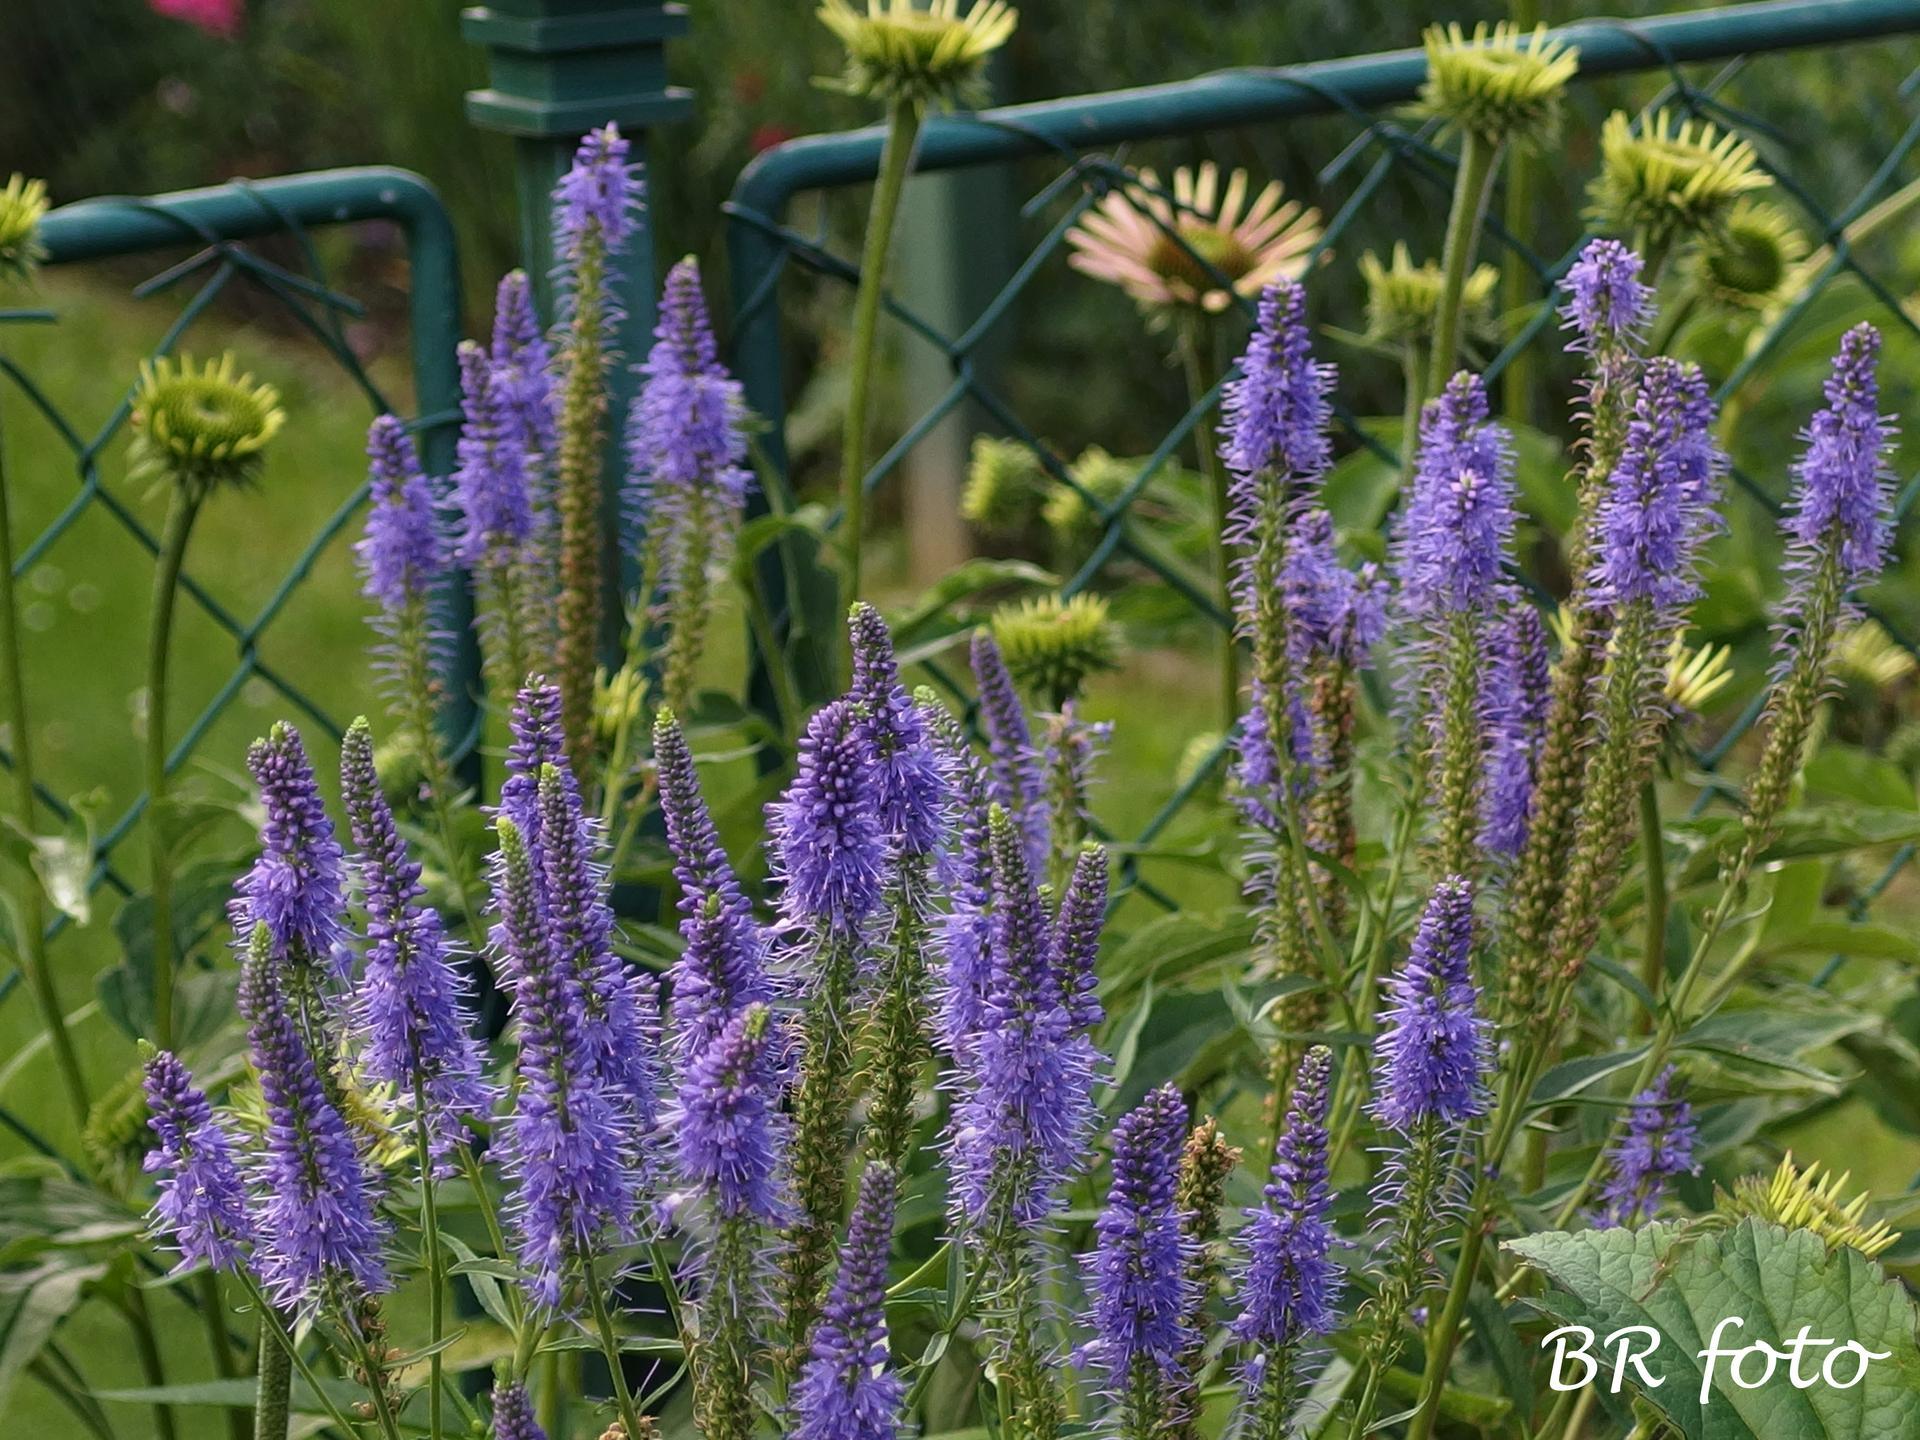 Zahrada v létě - rozrazil, taky bude brzo třeba ostříhat